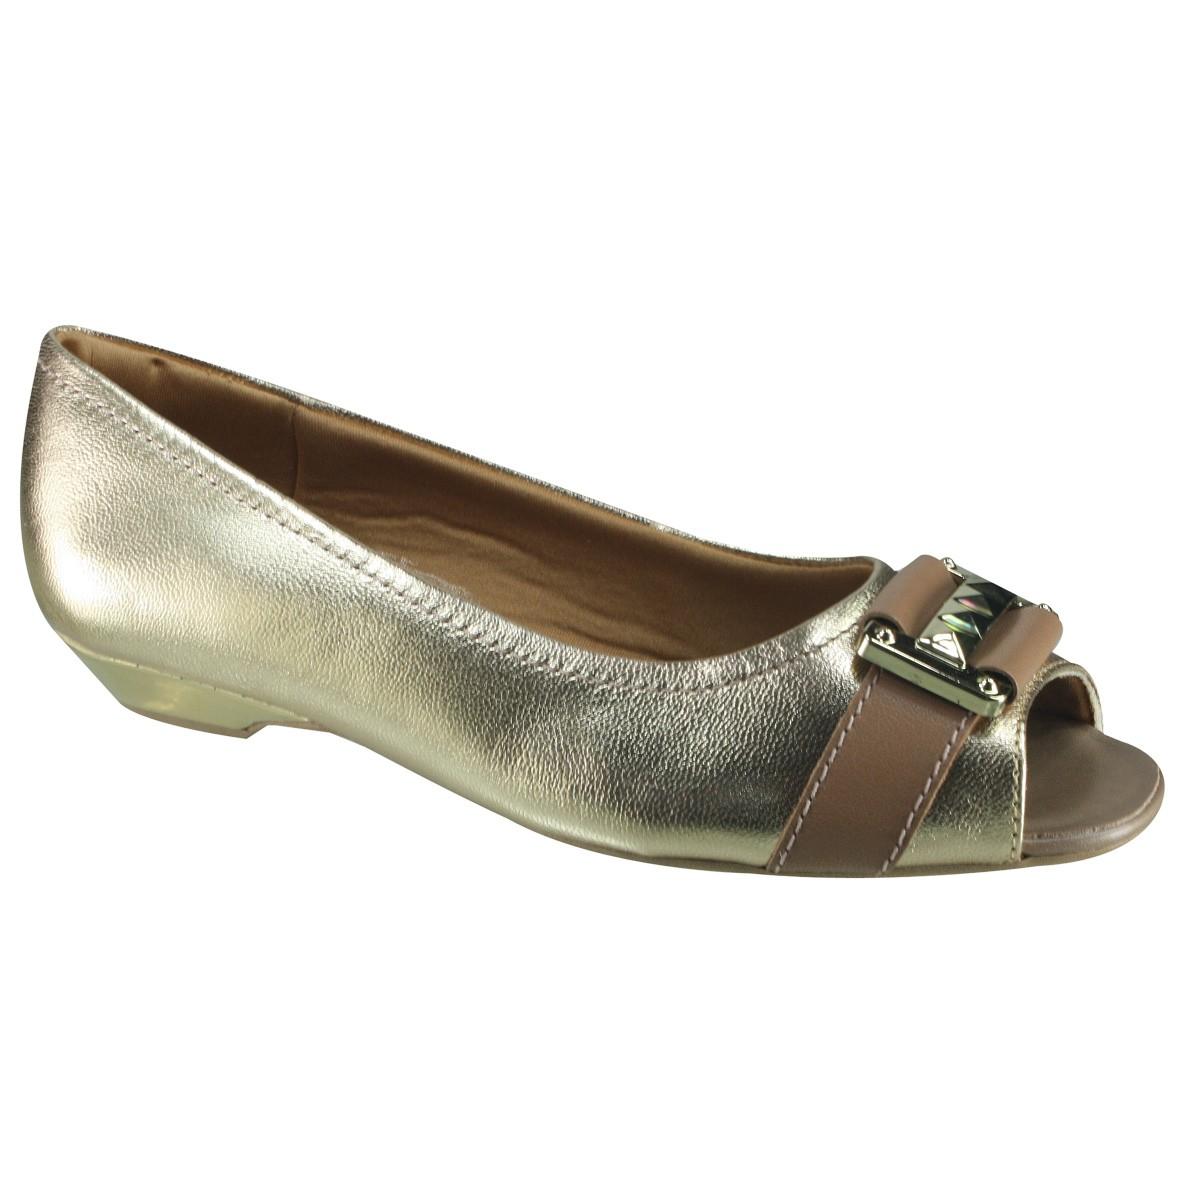 a0a227925 Sapato Feminino Usaflex Peep Toe V1813 04 - Dourado Camel (Mestiço ...